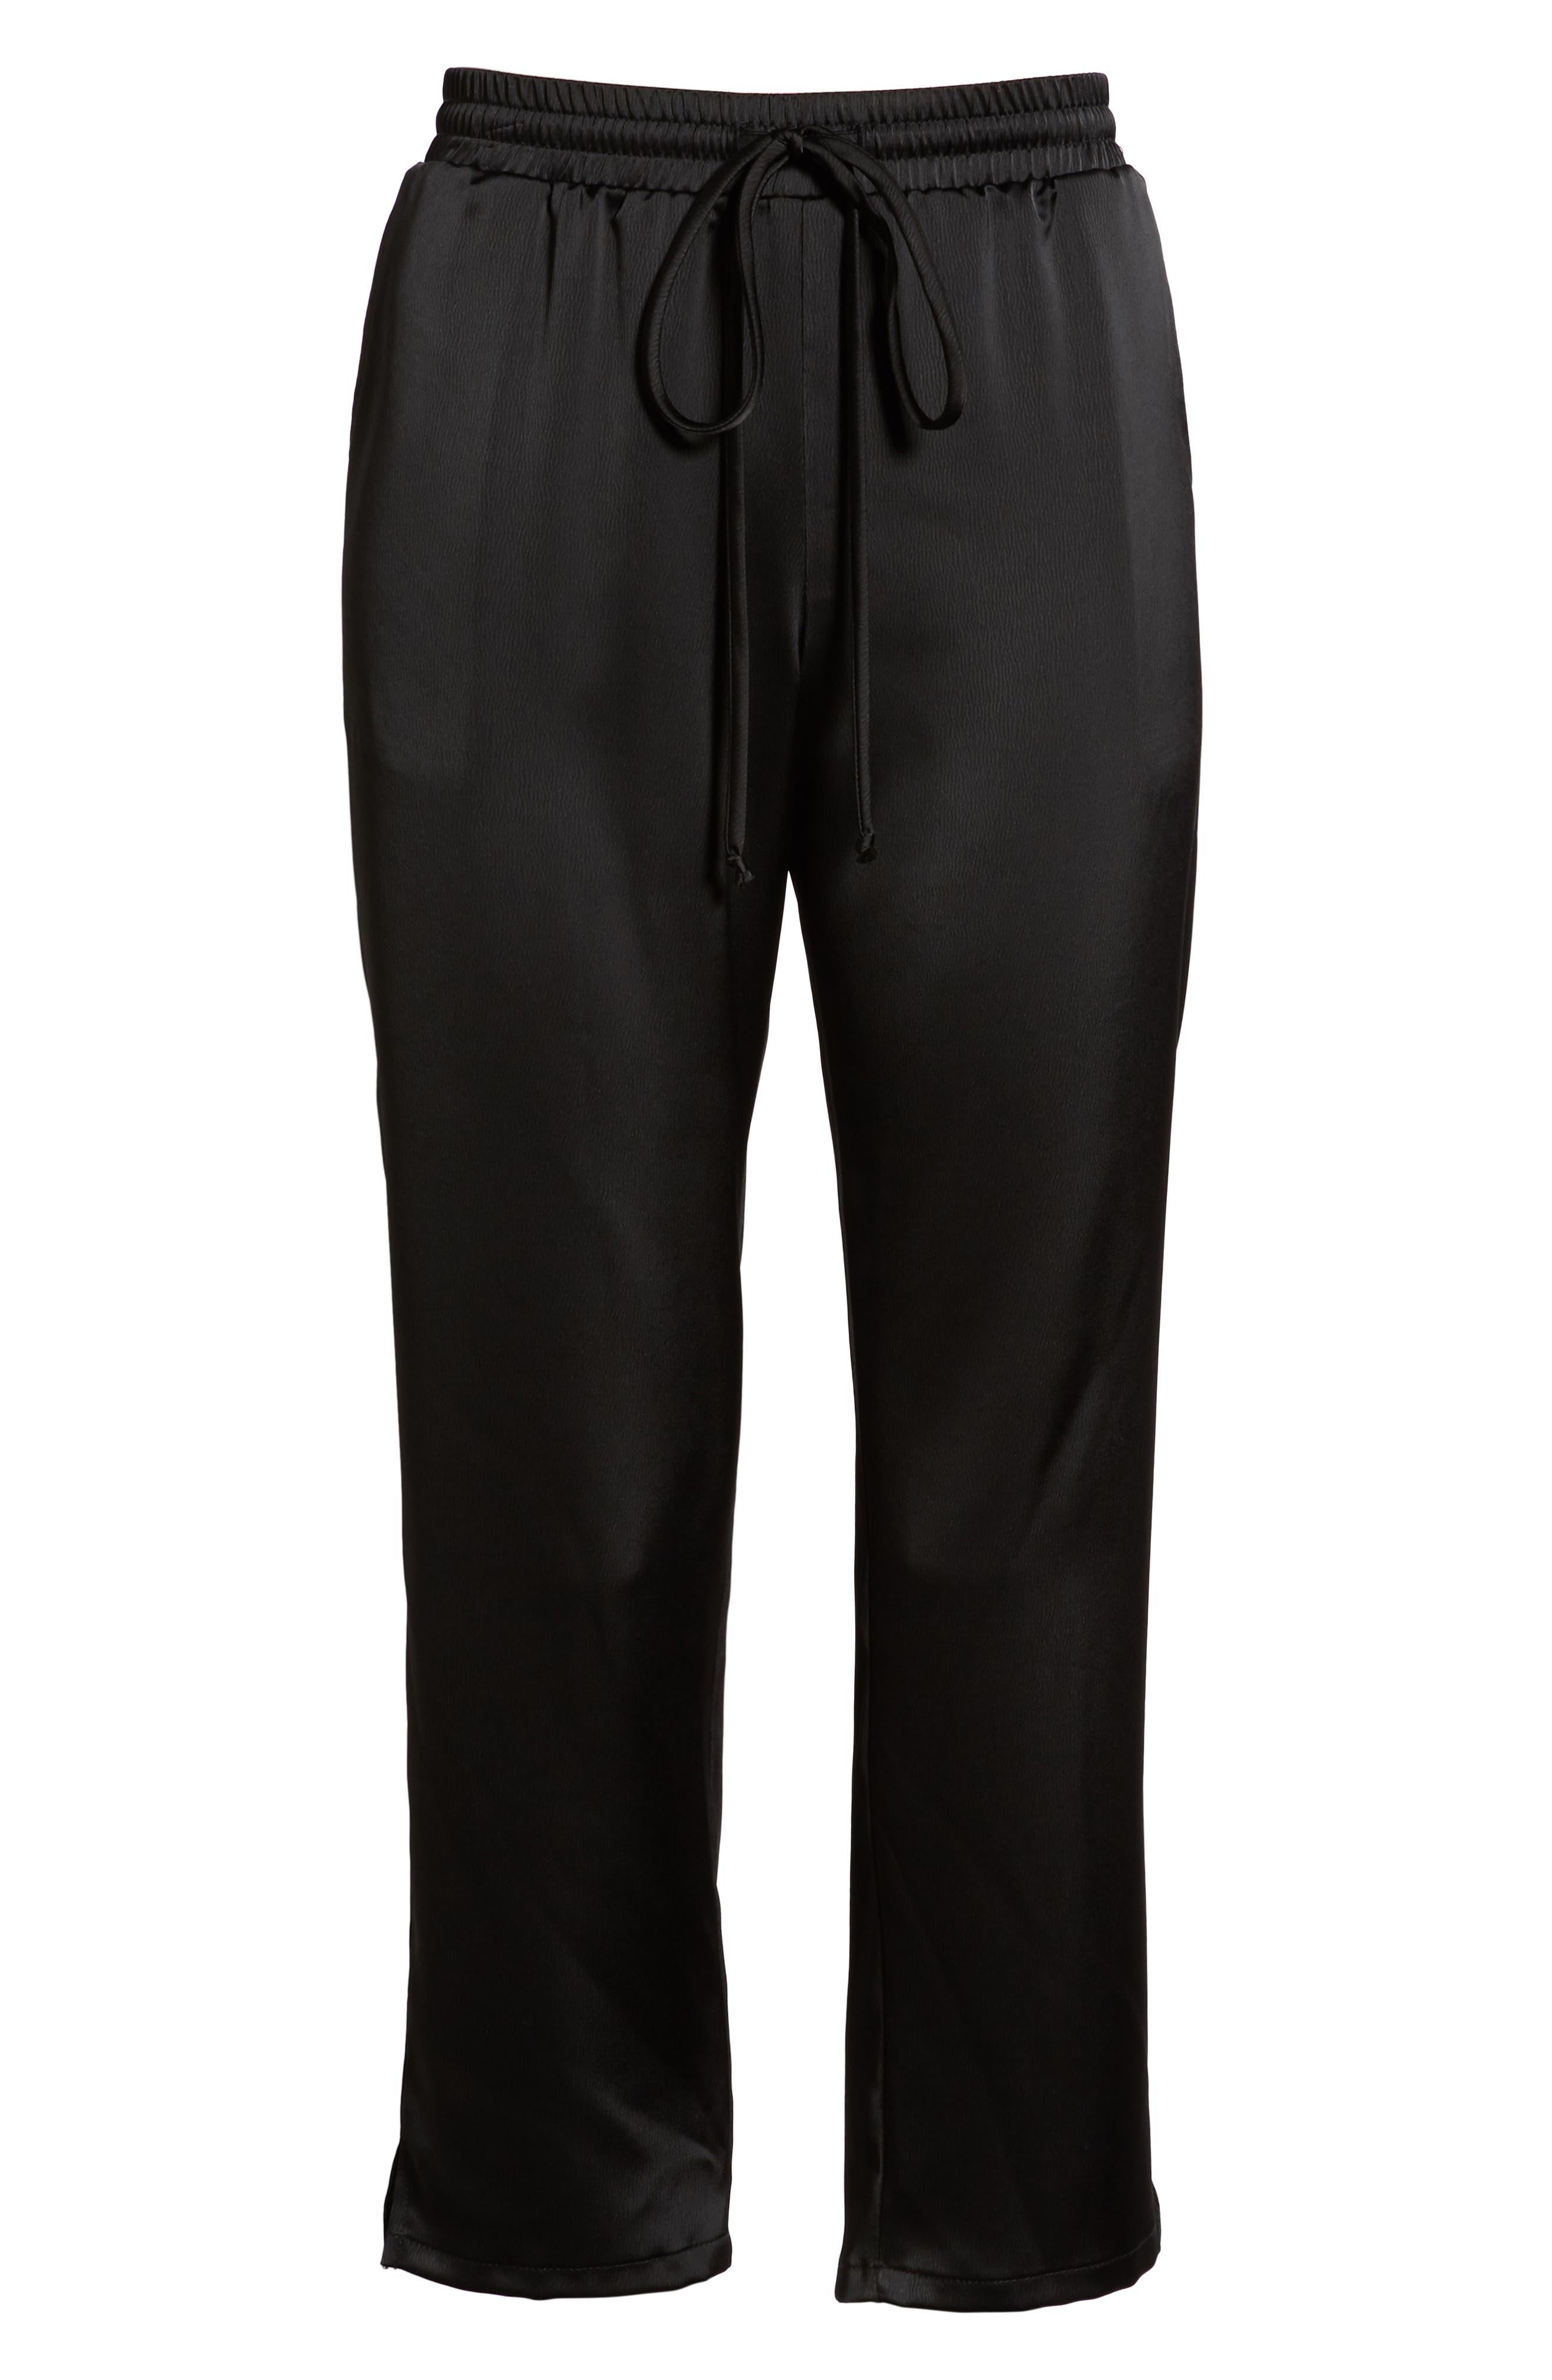 x Glam Squad Simple Jogger Pants,                             Alternate thumbnail 8, color,                             BLACK